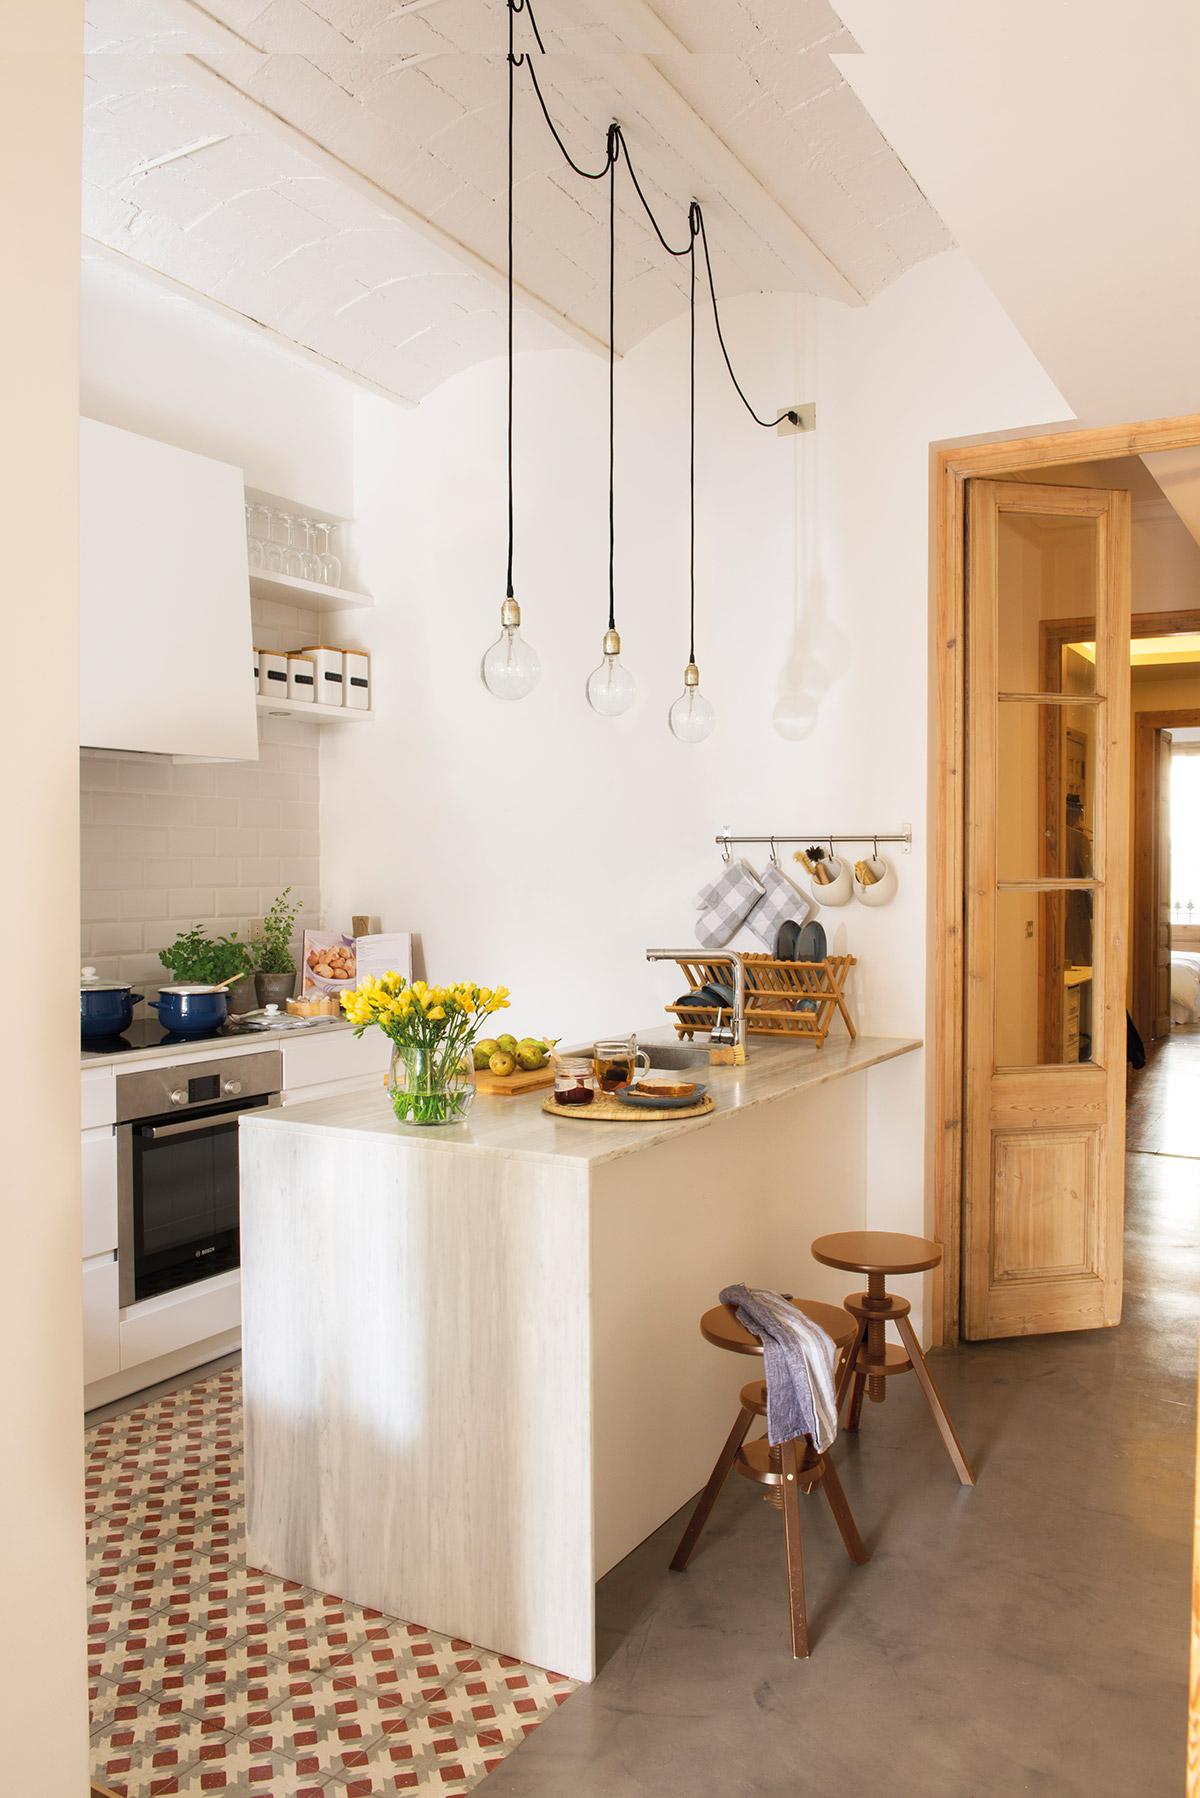 Ideas para aprovechar el espacio en las cocinas pequeñas 6e38069a2d7c